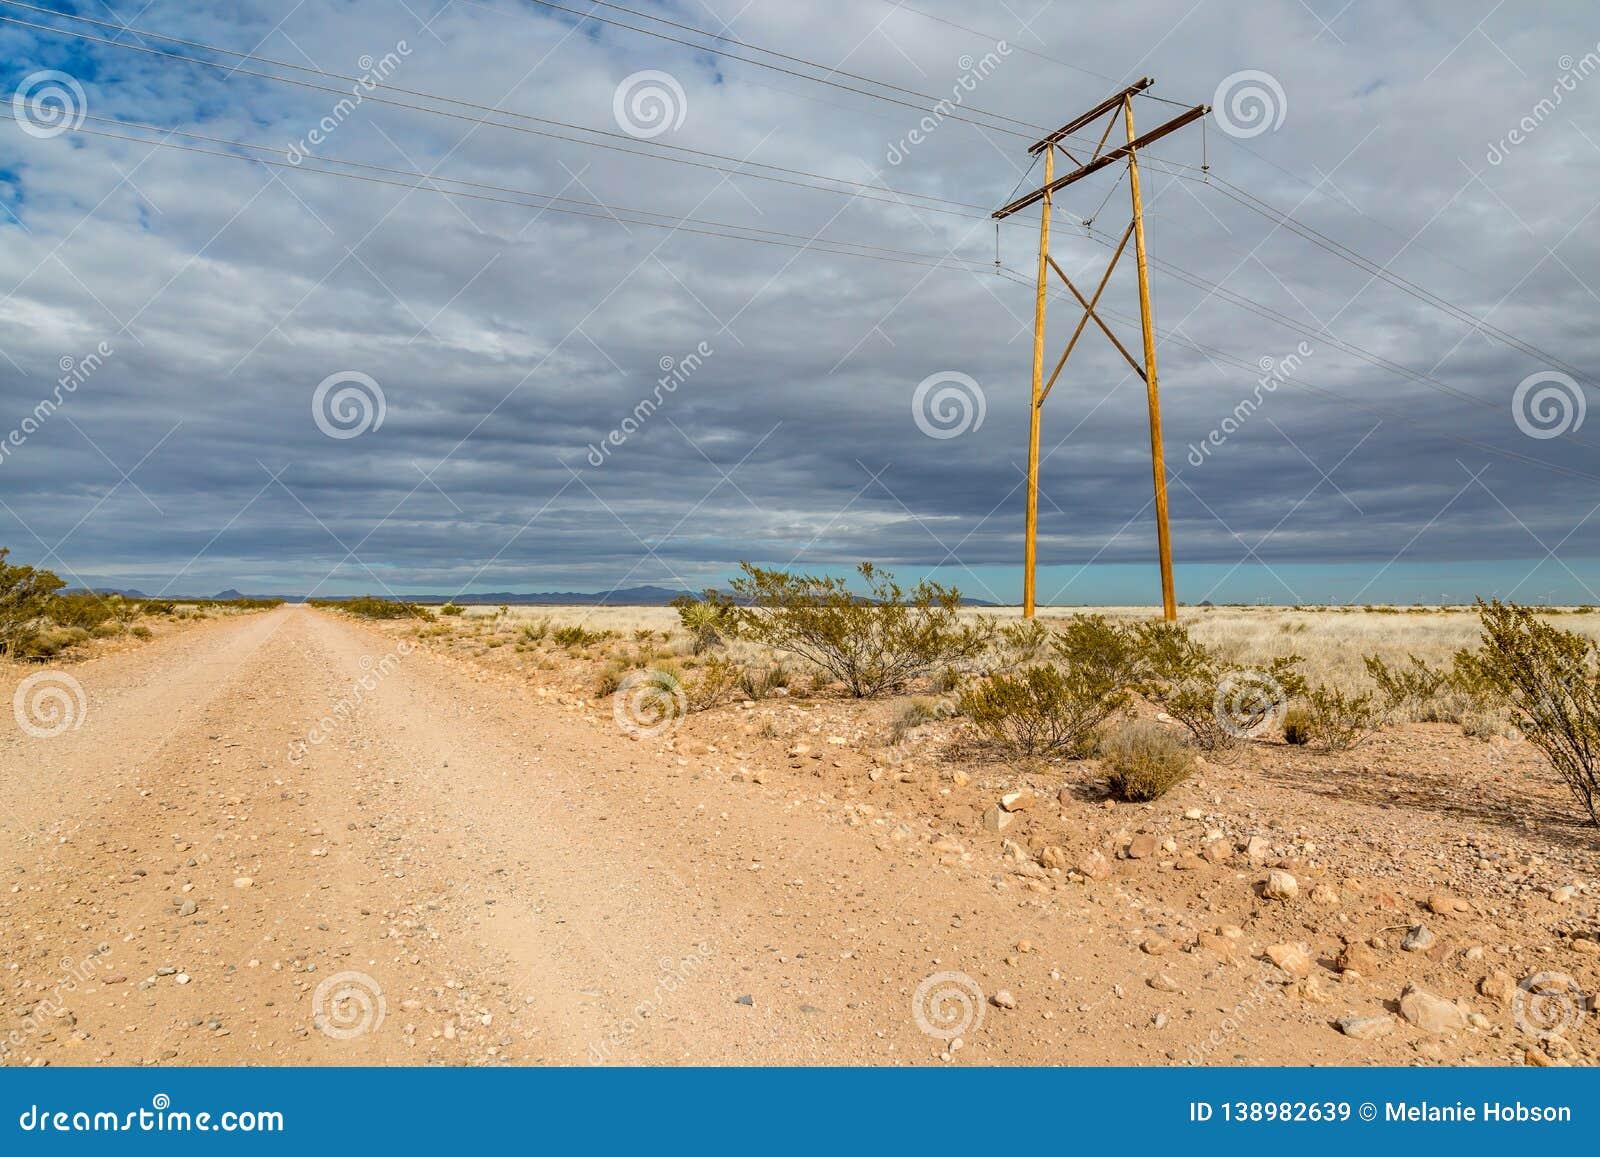 A Remote New Mexico Landscape